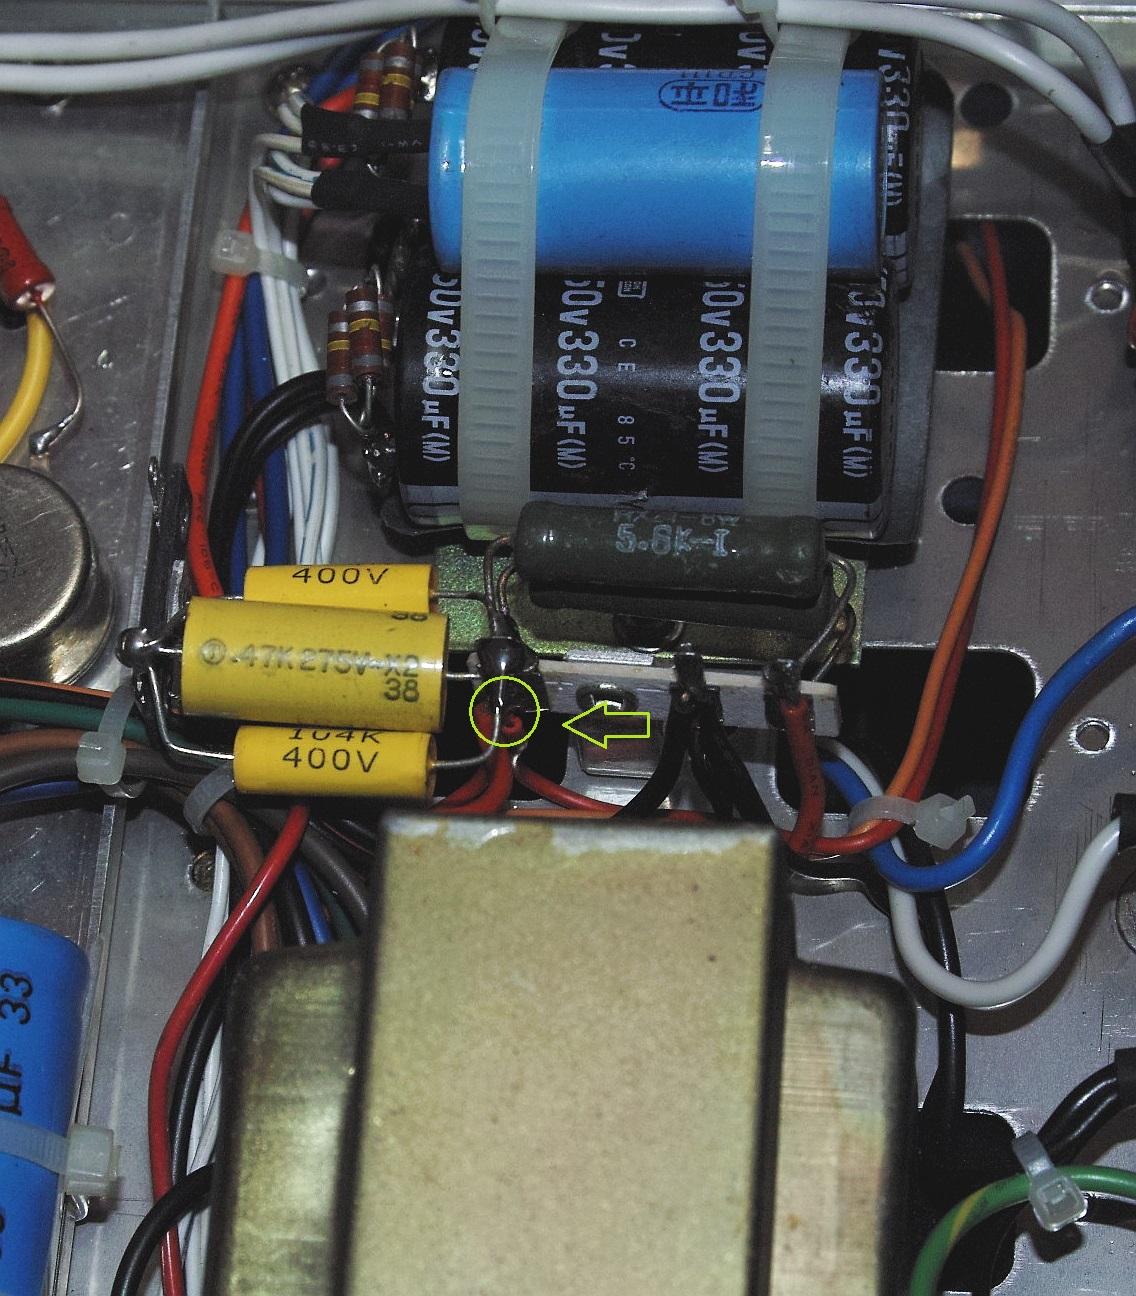 Cambiar condensadores de salida para válvula 300B - Página 14 205tnj5